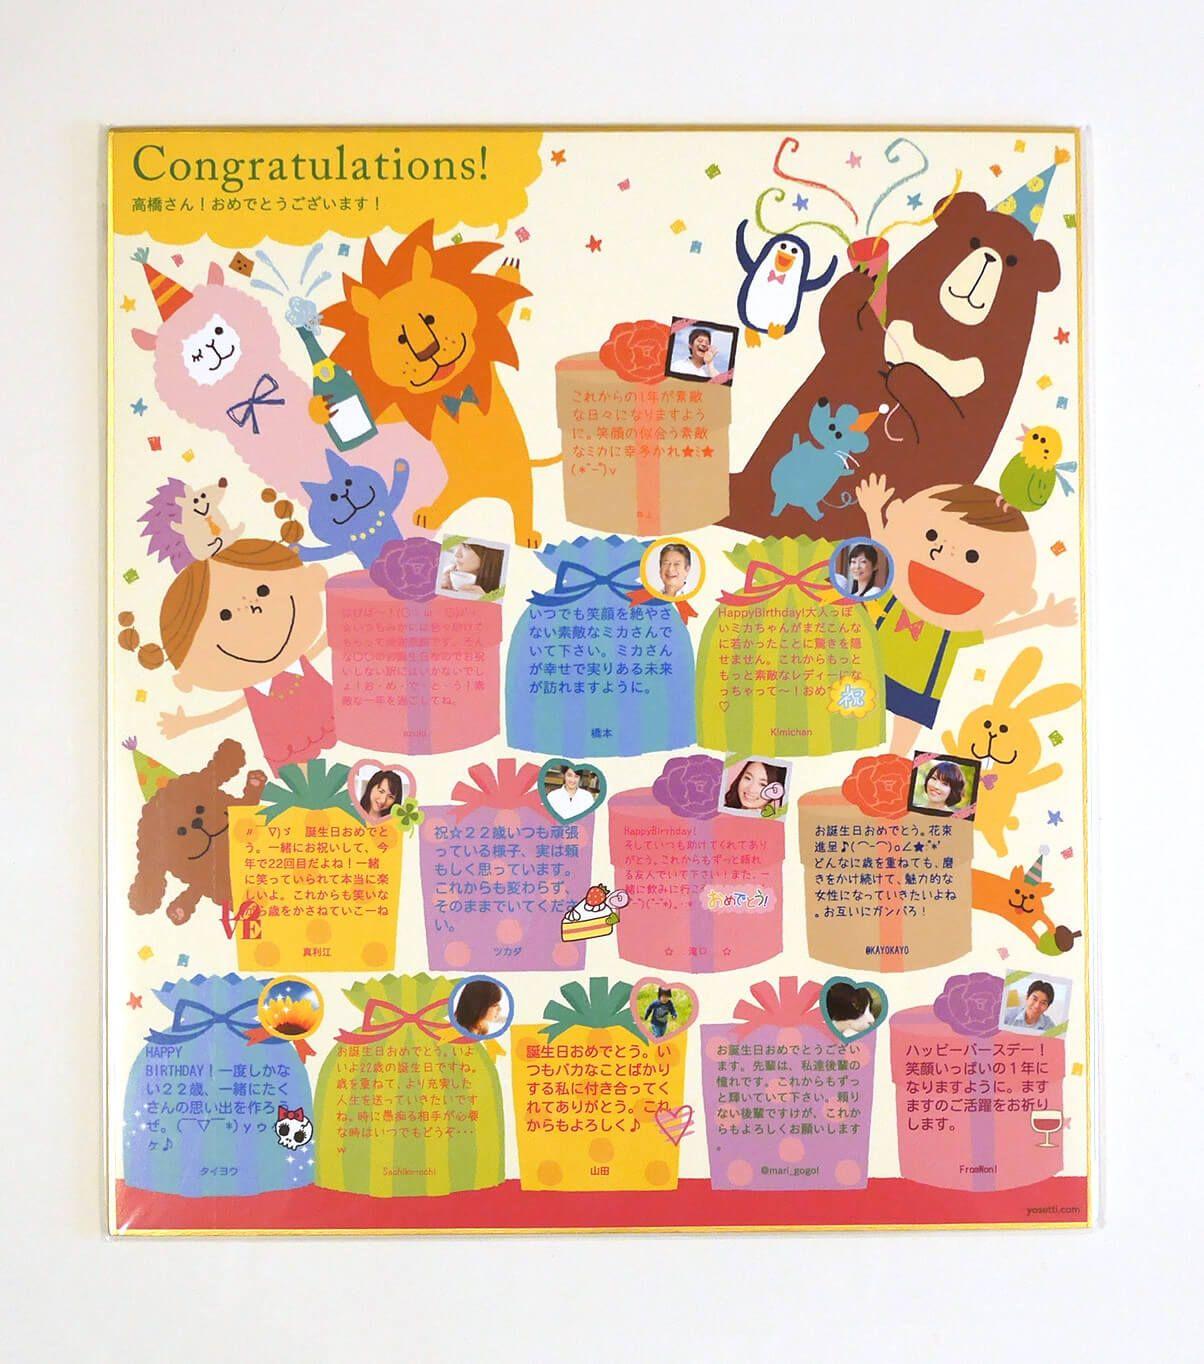 プレゼントがいっぱい おめでとう ありがとうの寄せ書き色紙デザイン オンライン寄せ書きyosetti ヨセッティ よせがき デザイン 面白い誕生日 卒業カード 手作り